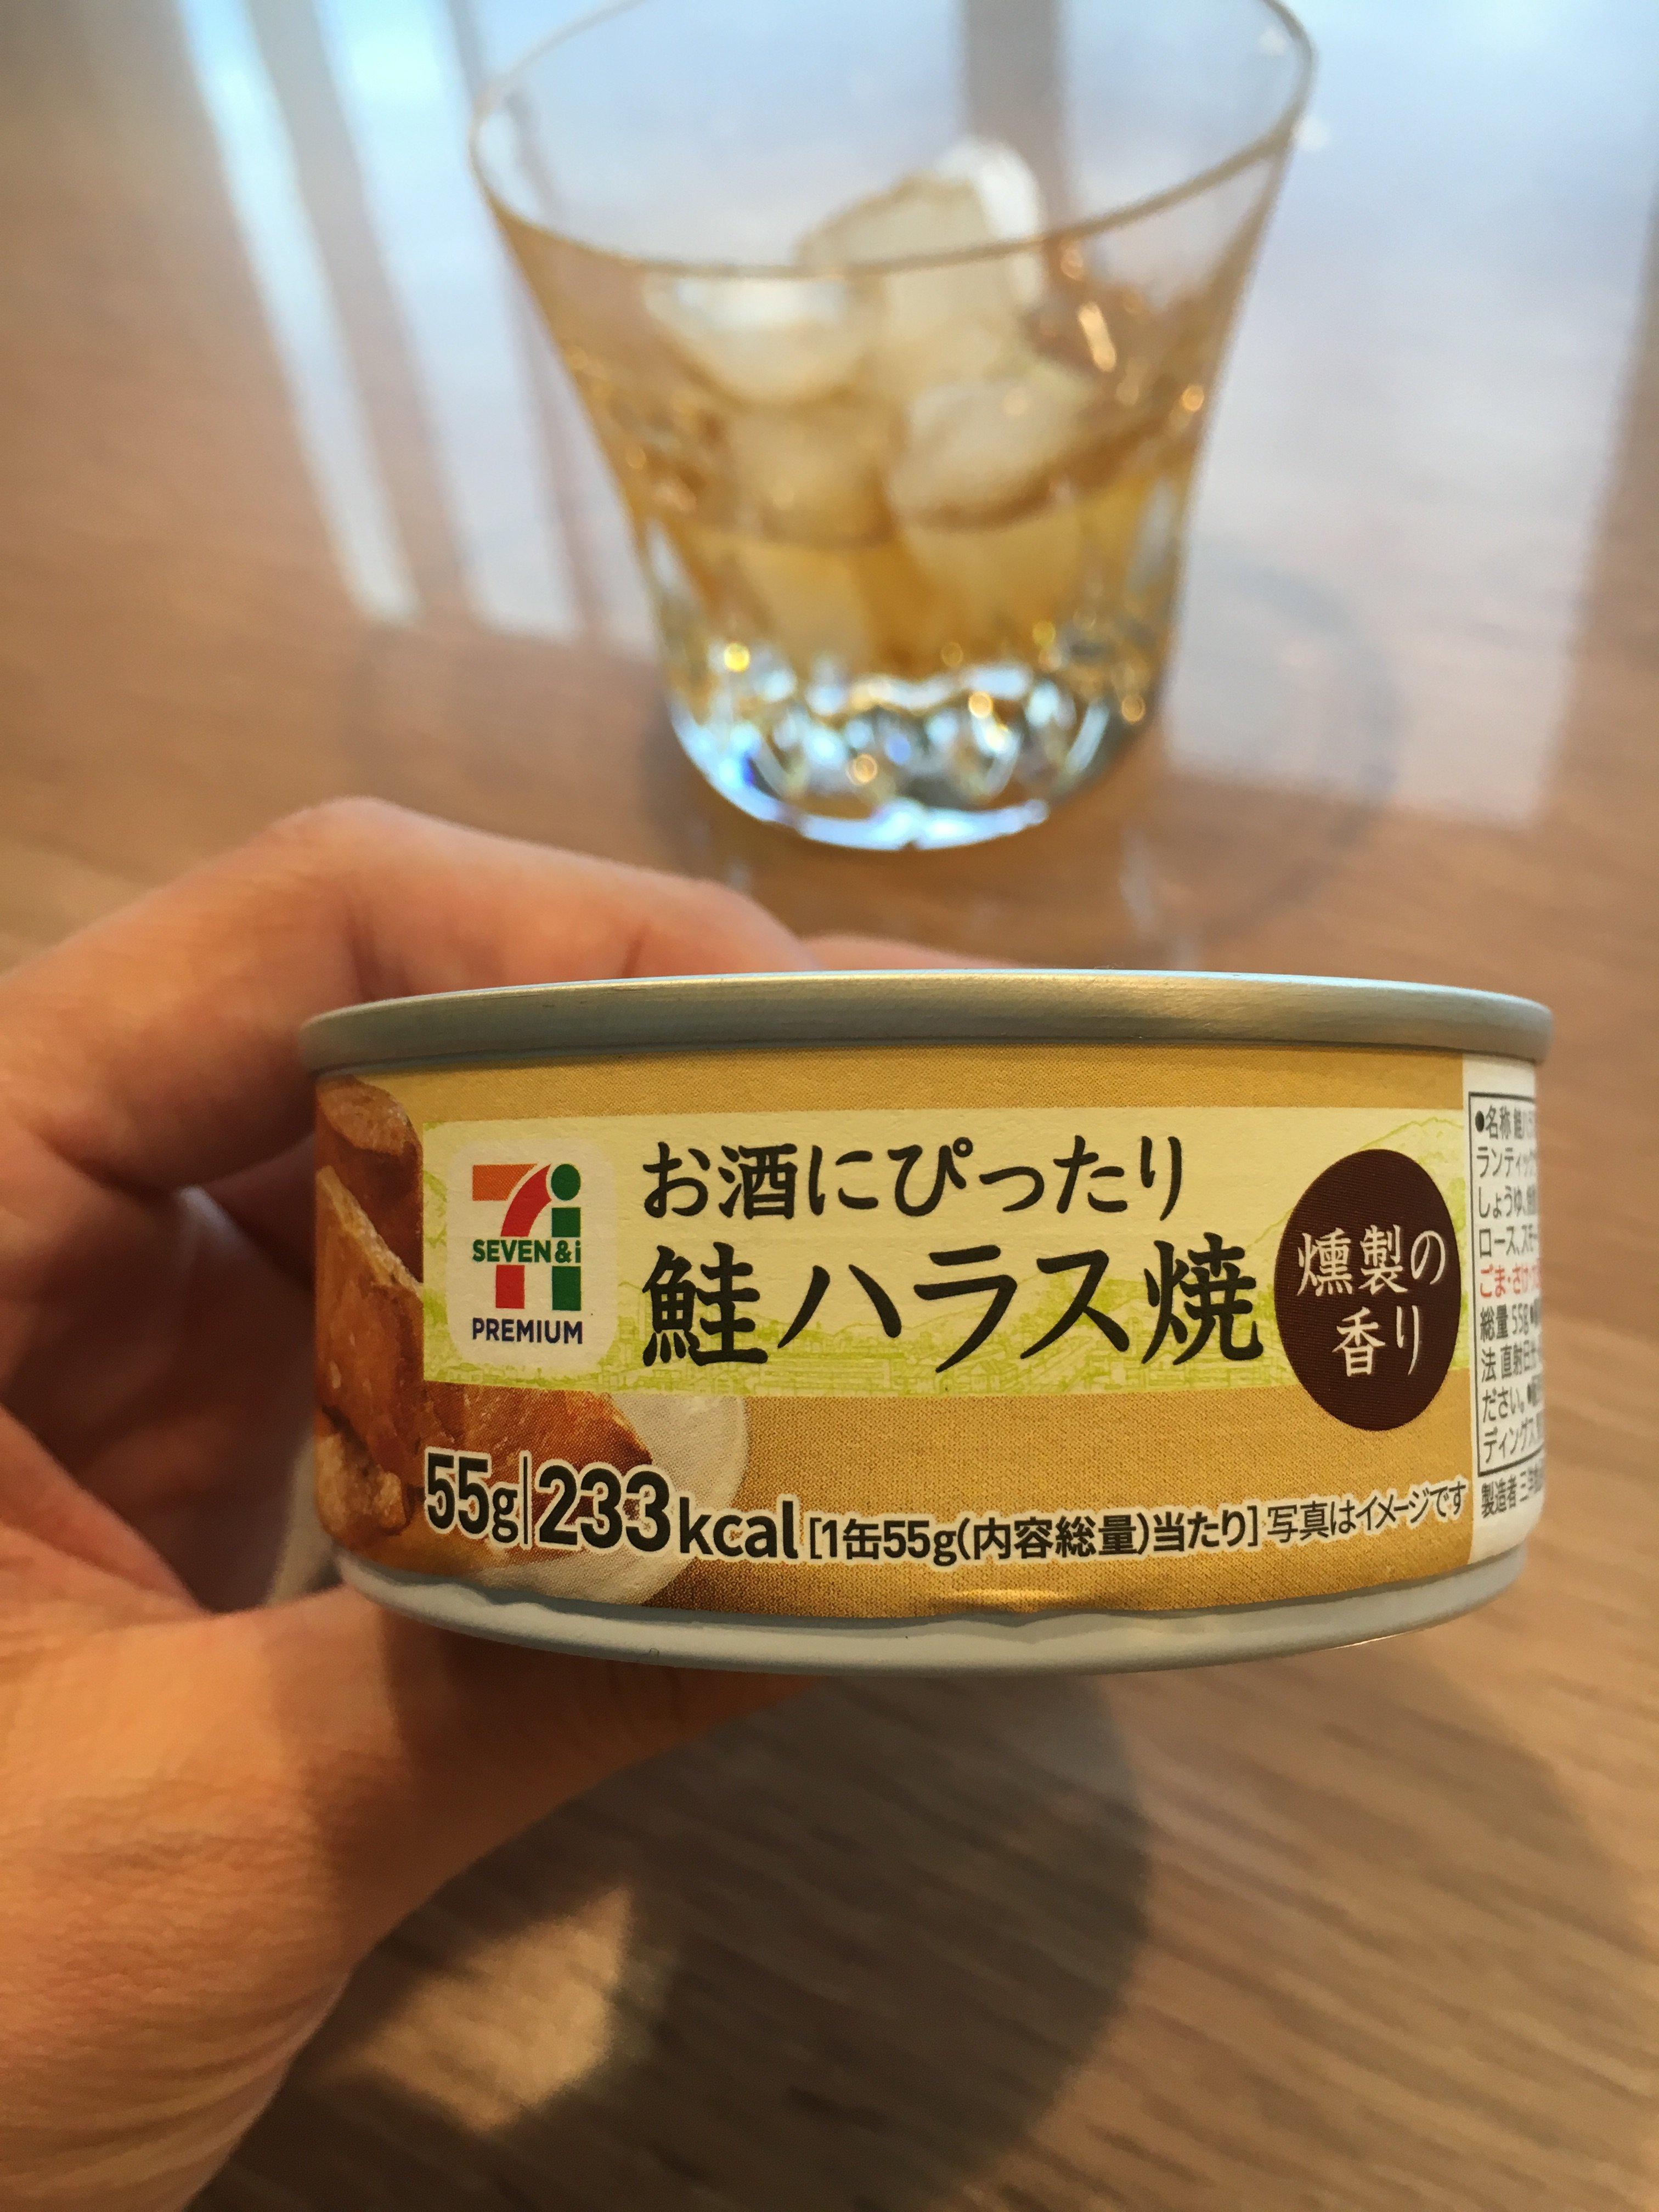 セブンイレブン缶詰 お酒にぴったり鮭ハラス焼 燻製の香り シンプルに旨い